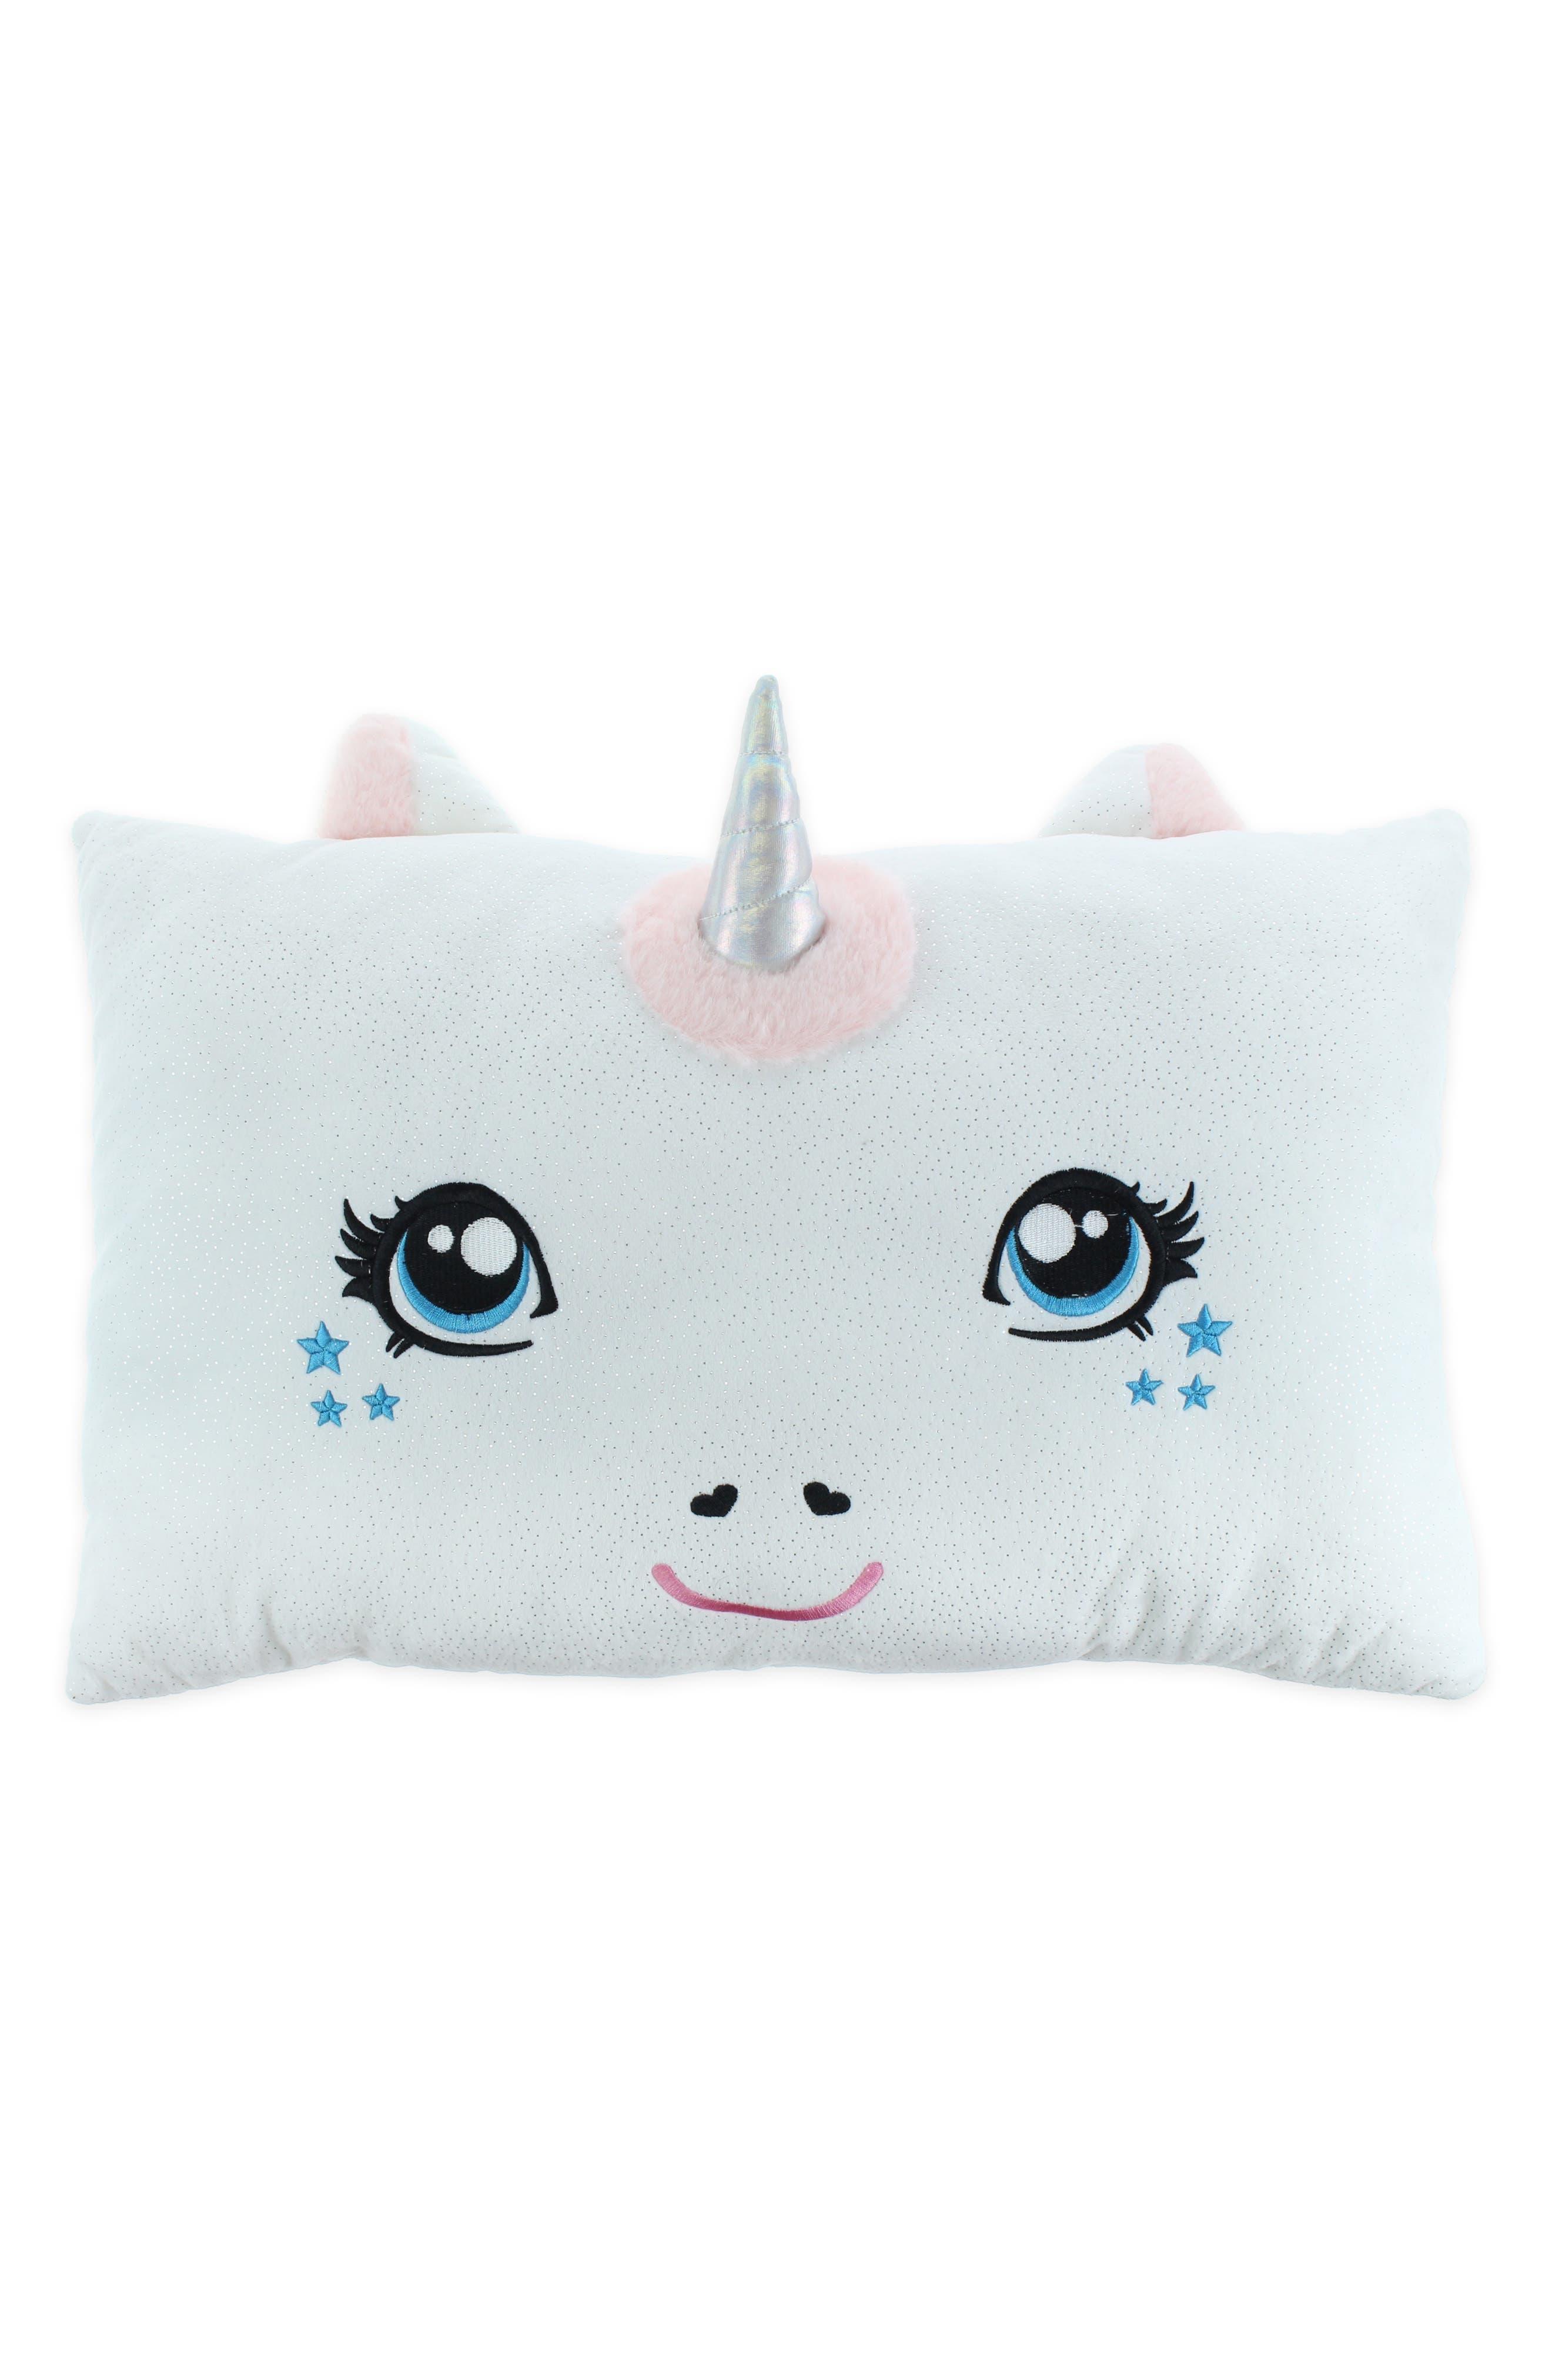 CAPELLI NEW YORK Unicorn Pillow, Main, color, 131